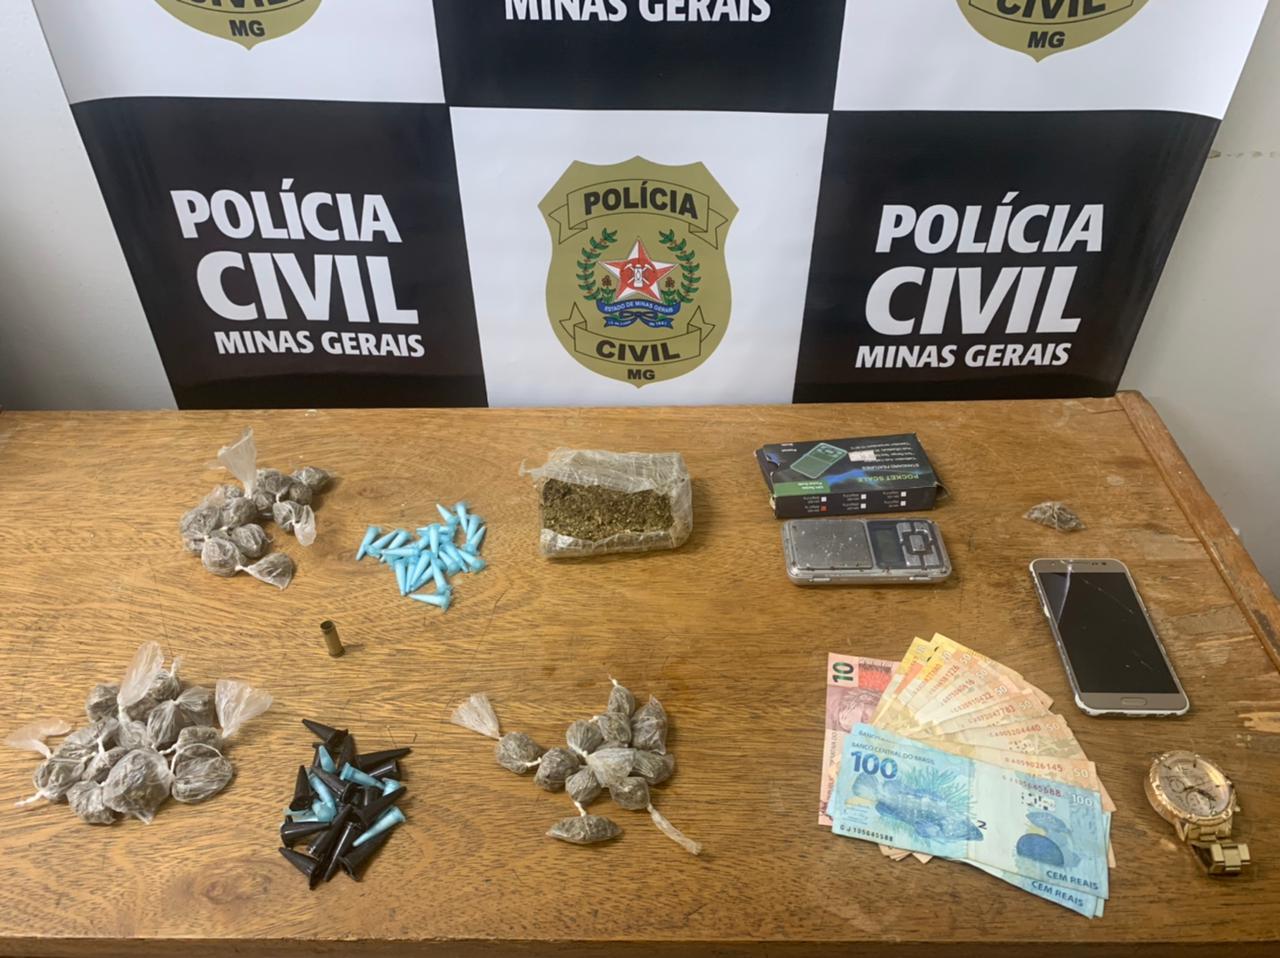 Polícia surpreende trio suspeito de tráfico de drogas em Nova Lima - Foto: Divulgação/PCMG